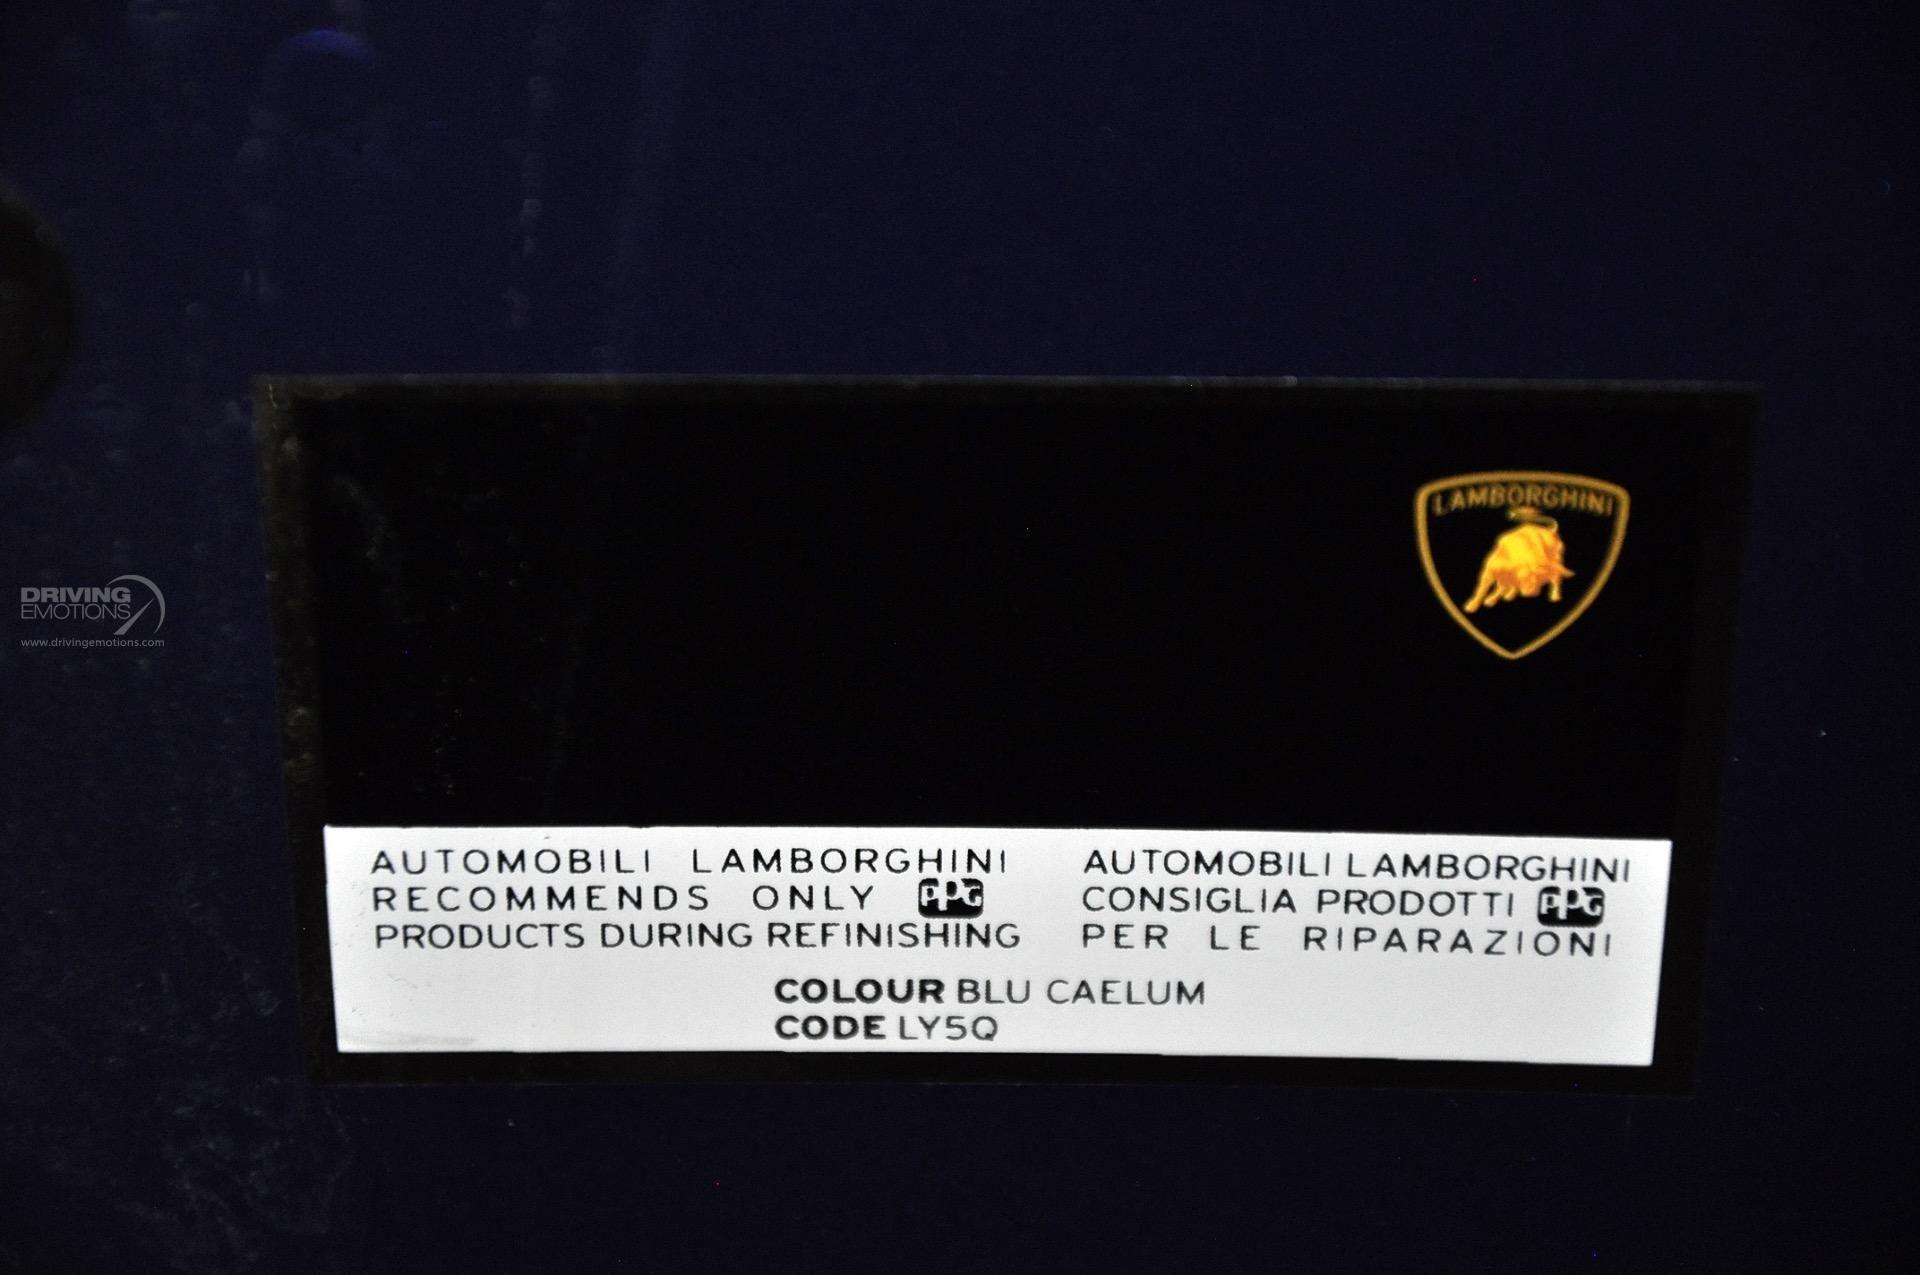 2013 Lamborghini Gallardo LP570-4 Superleggera: 2013 LAMBORGHINI GALLARDO LP570-4 SUPERLEGGERA! BLUE CAELUM! CCB's! CARBON! NAV!